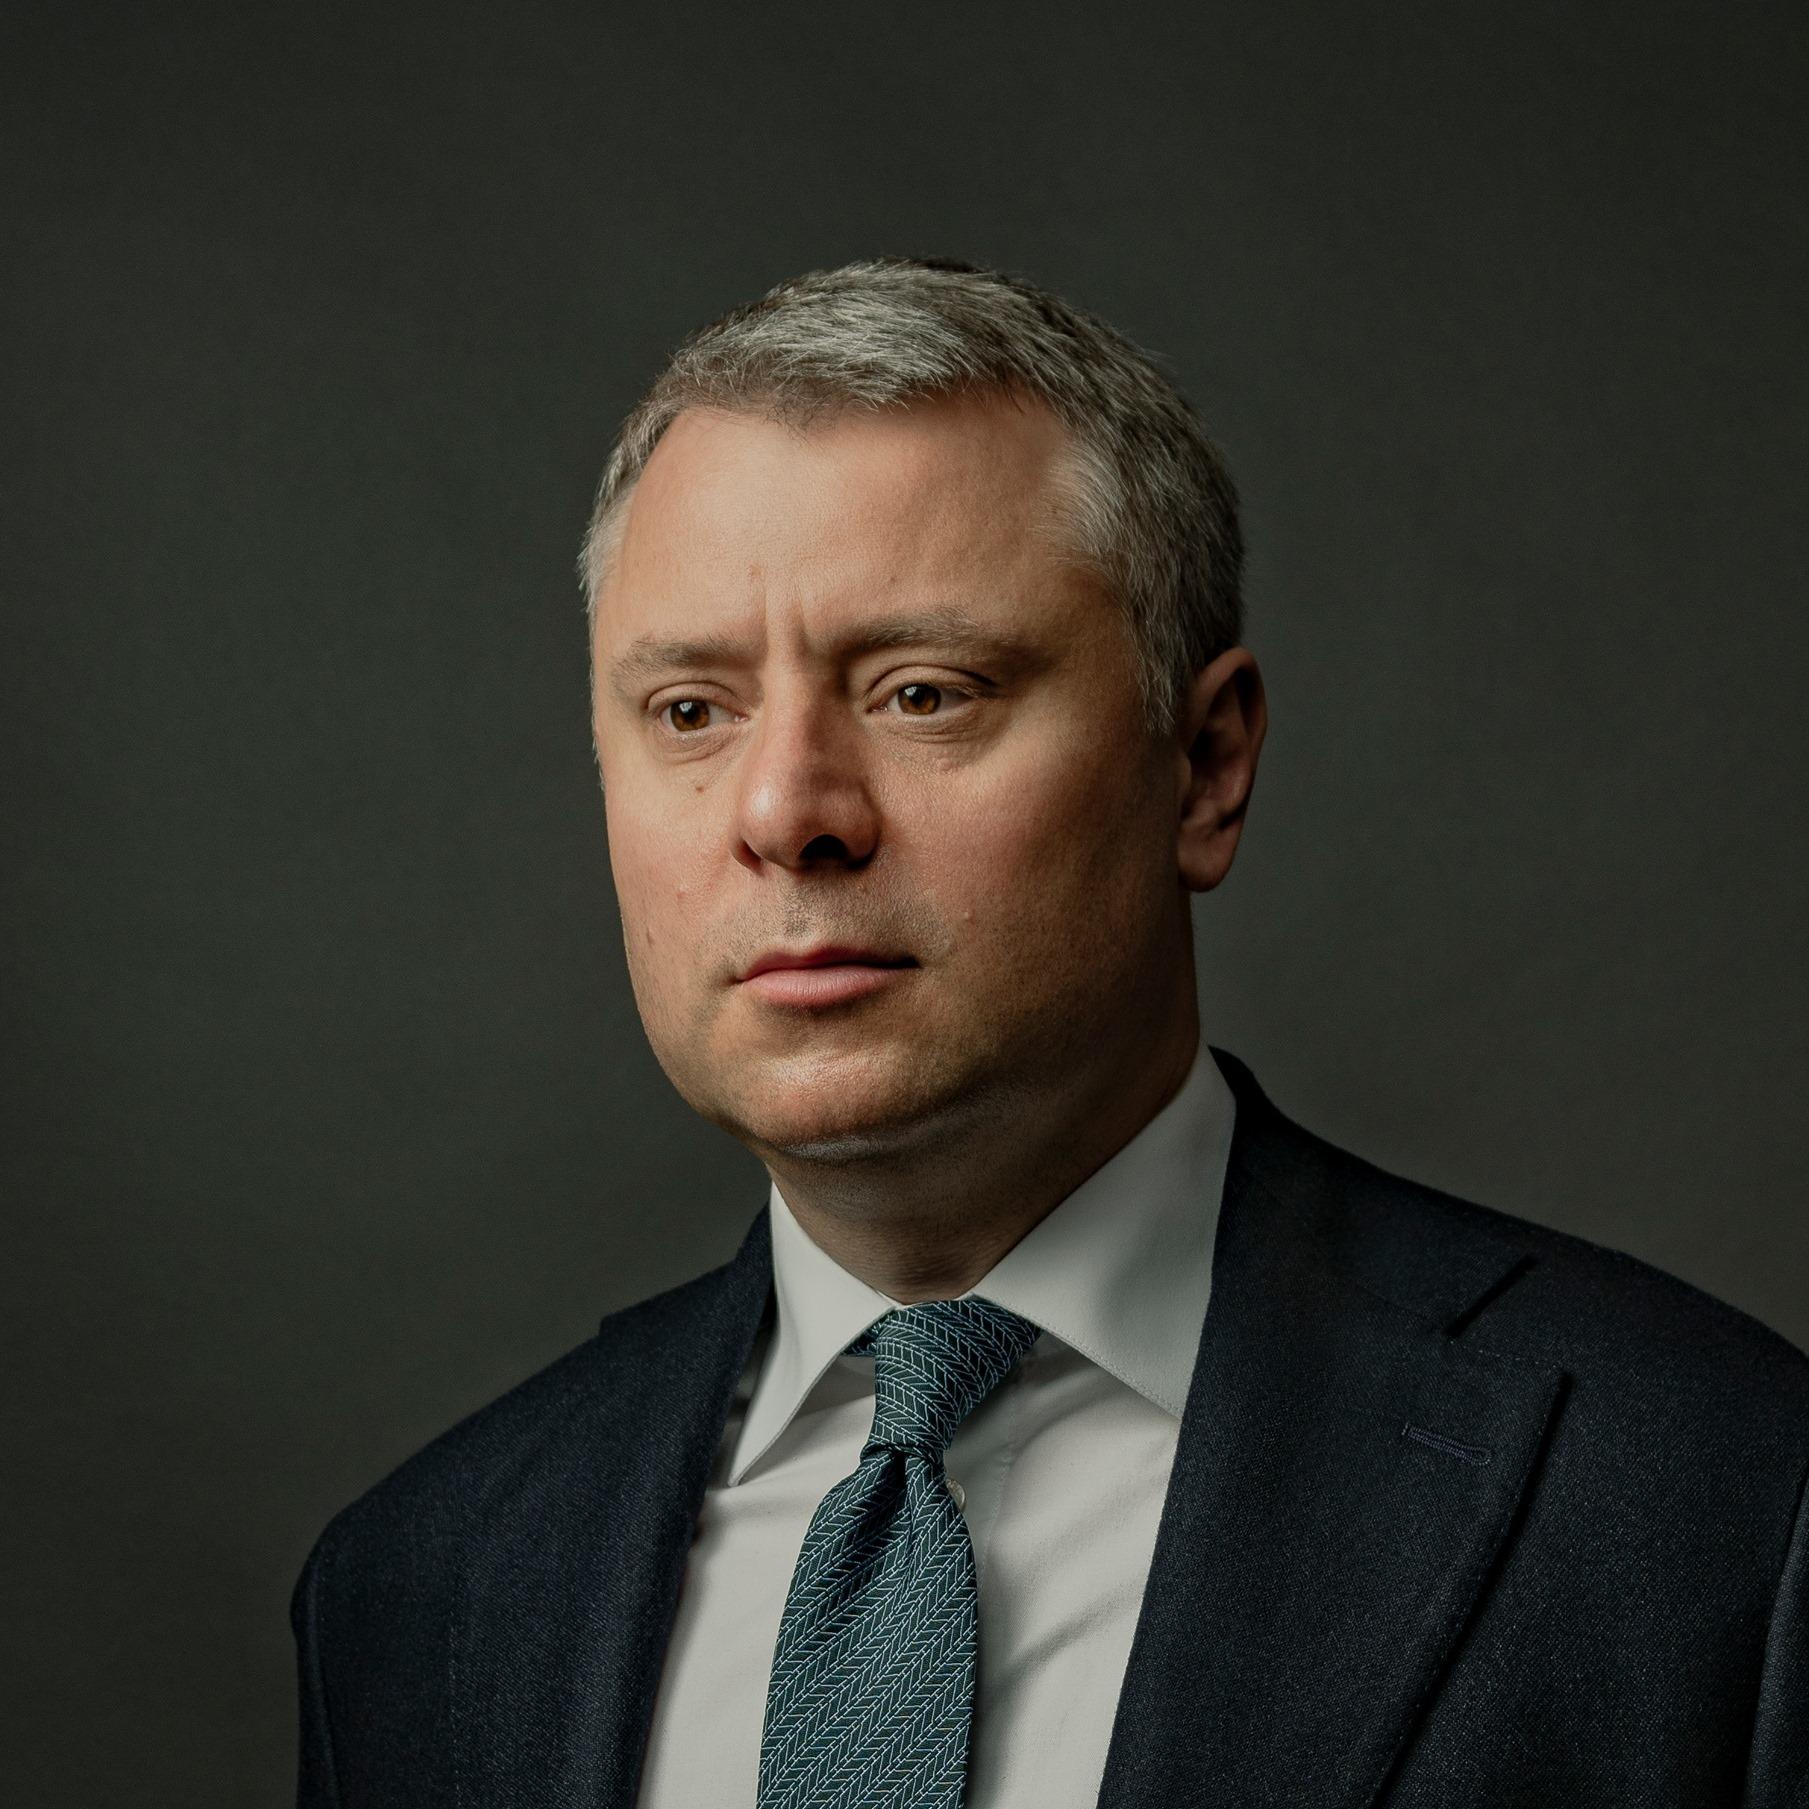 Що Міністерство енергетики пропонує для зменшення ціни на газ для  українців - ціна на газ, тарифи, газ - 96066460 147027106873853 4603746986129096704 o